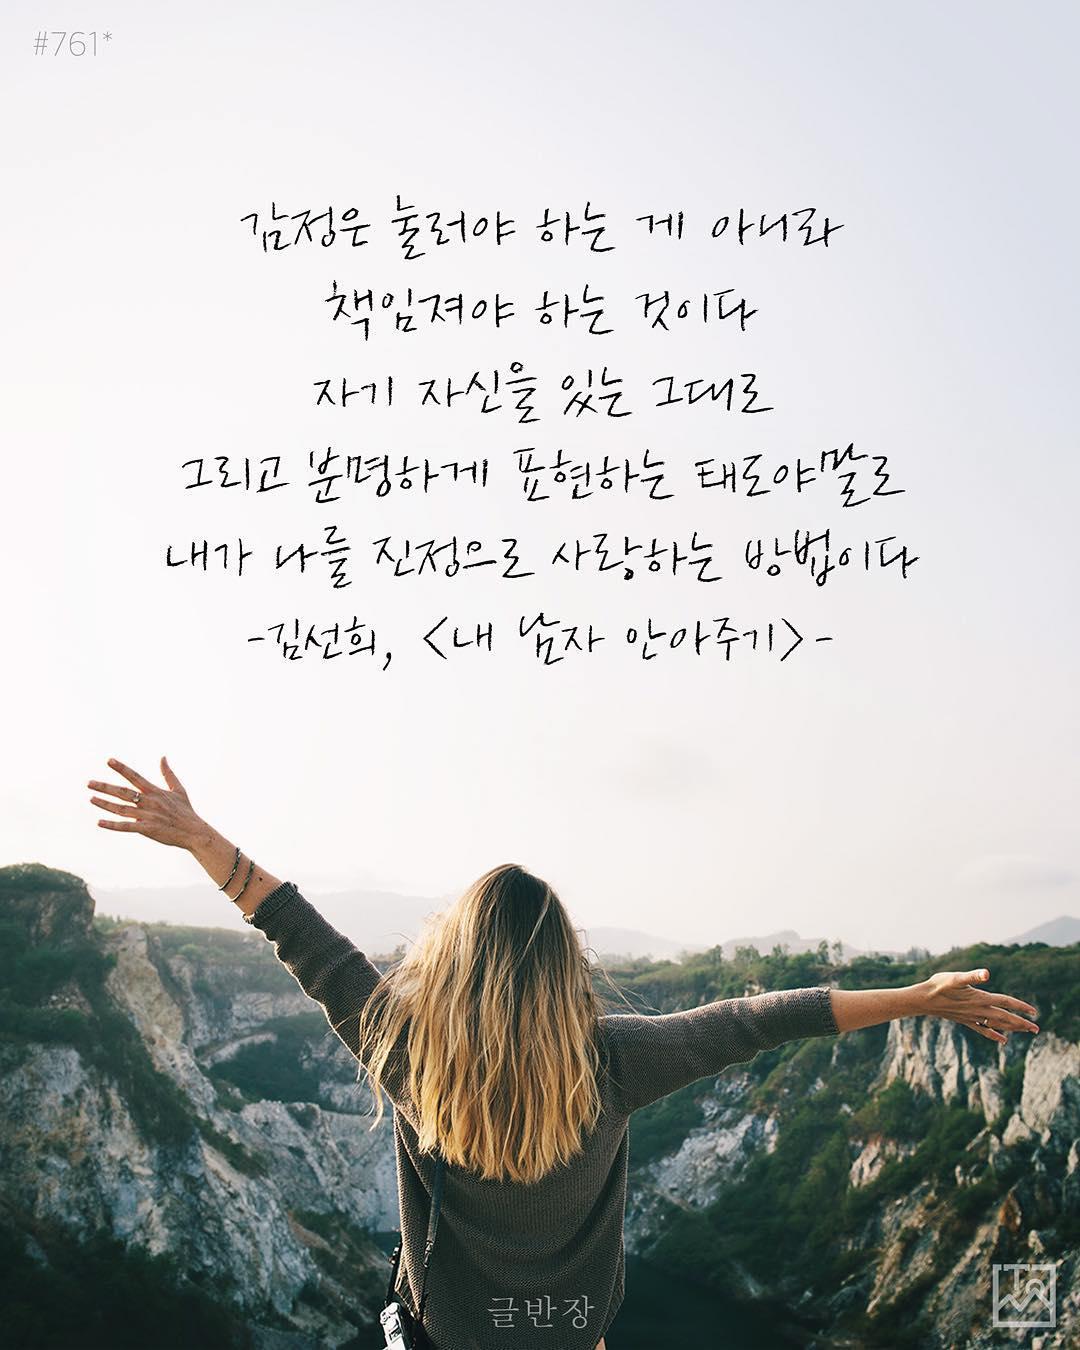 감정은 책임져야 하는 것이다 - 김선희, <내 남자 안아주기>